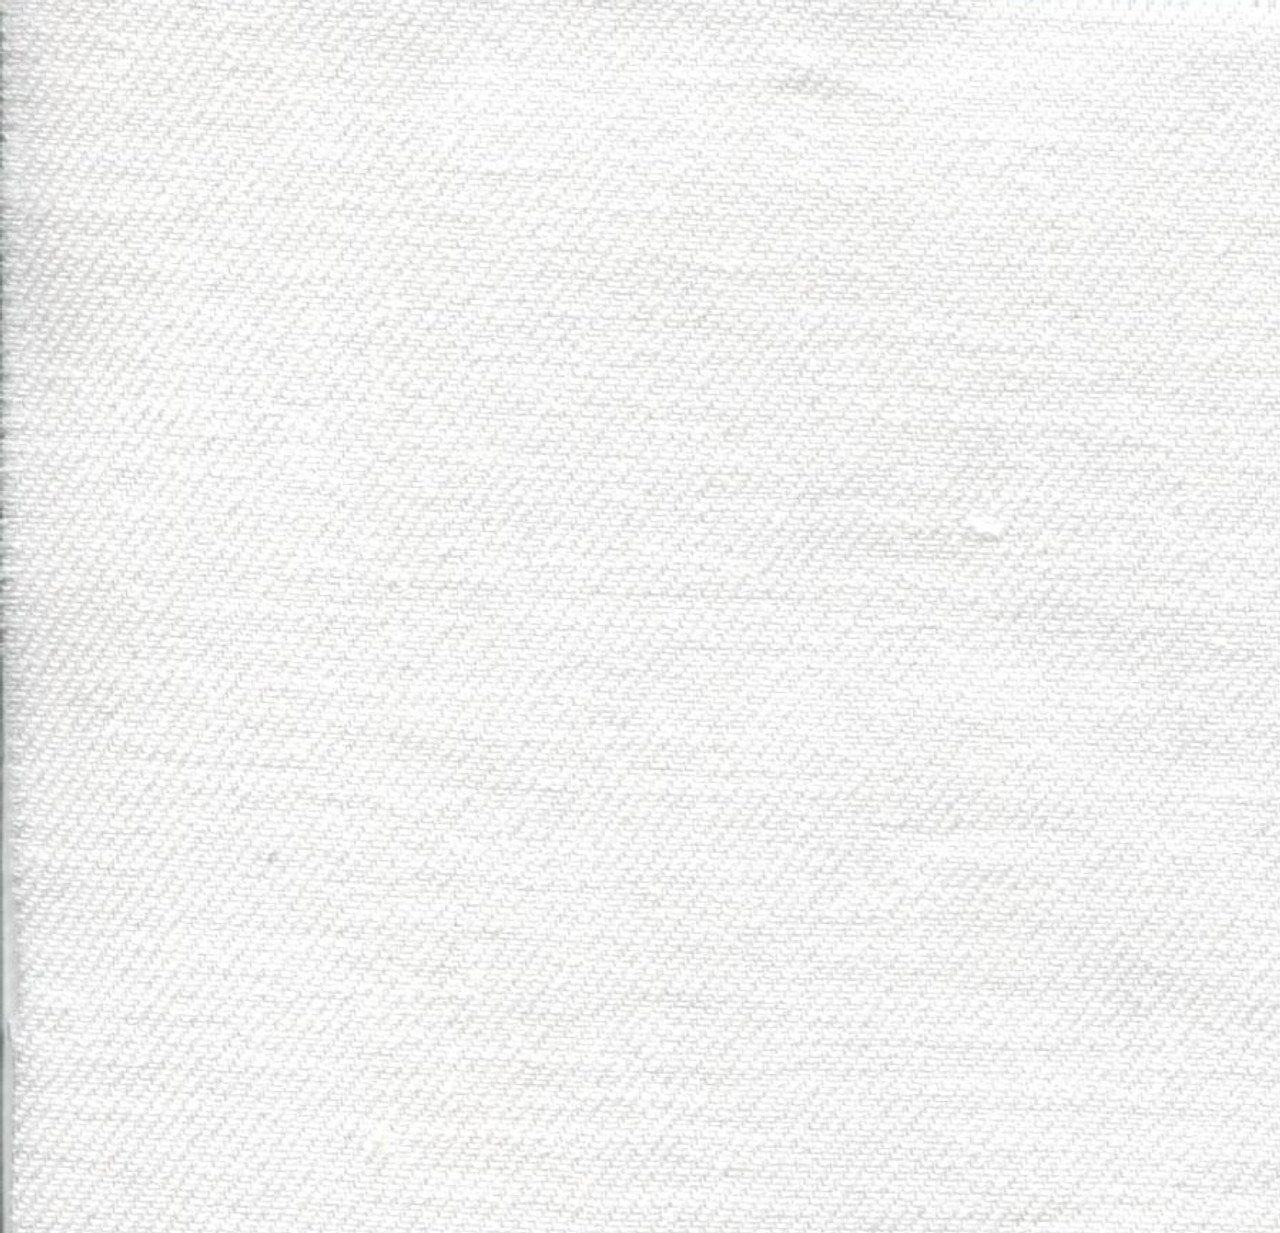 Cream Truella - 20% Wool 80% Cotton Truella cosy winter fabric similar to Vyella or baby flannel 147 cm